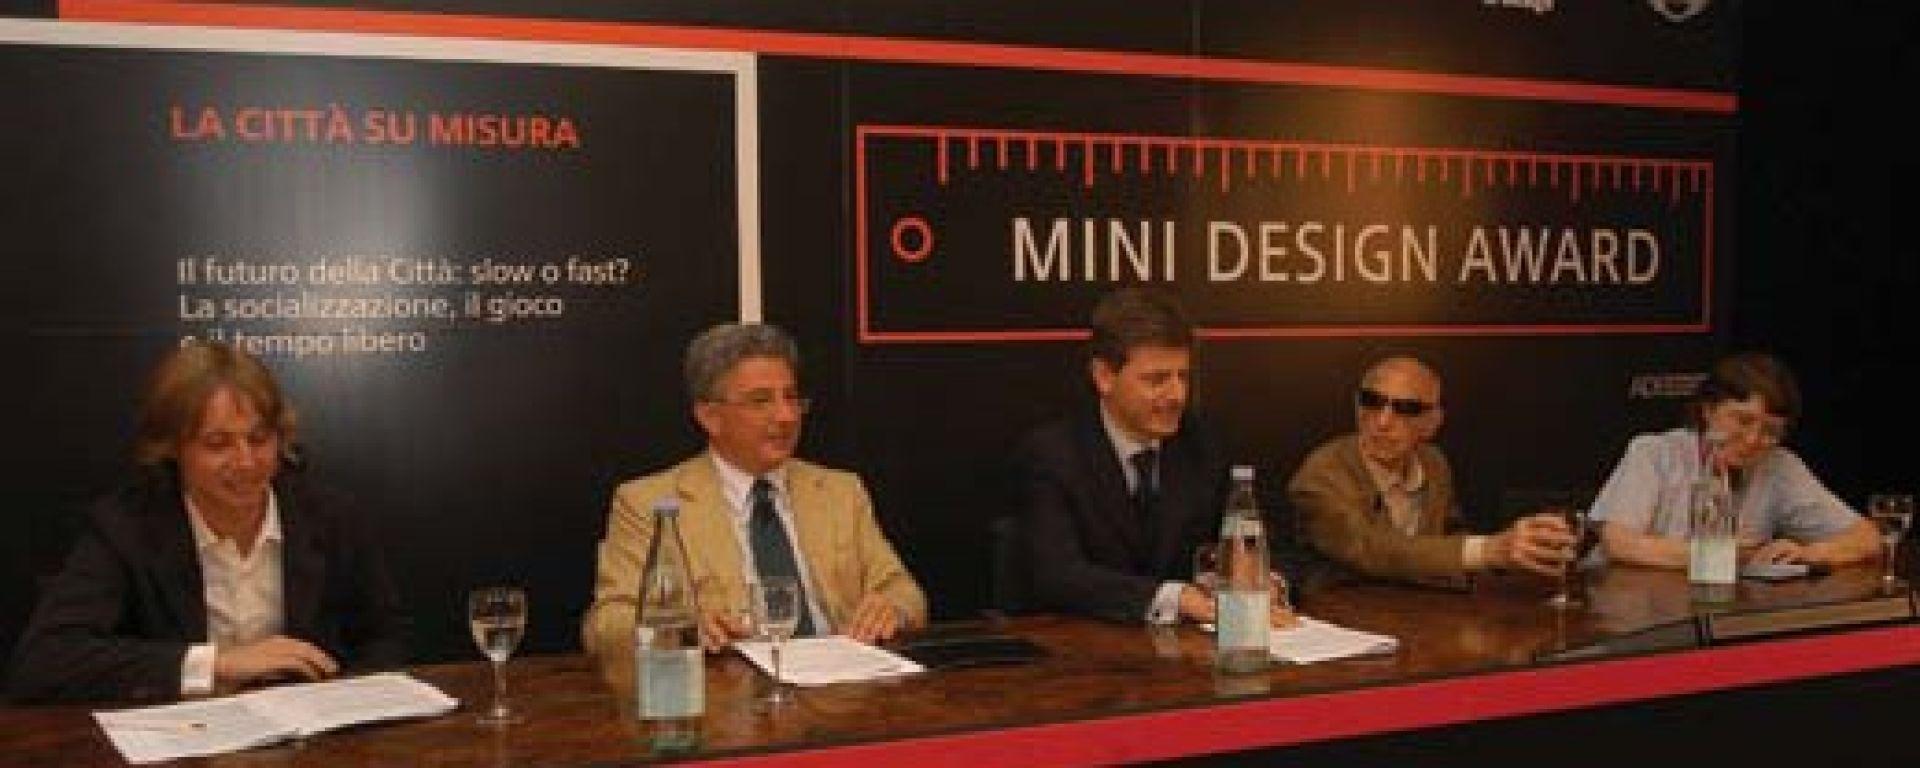 MINI: un concorso per progettisti